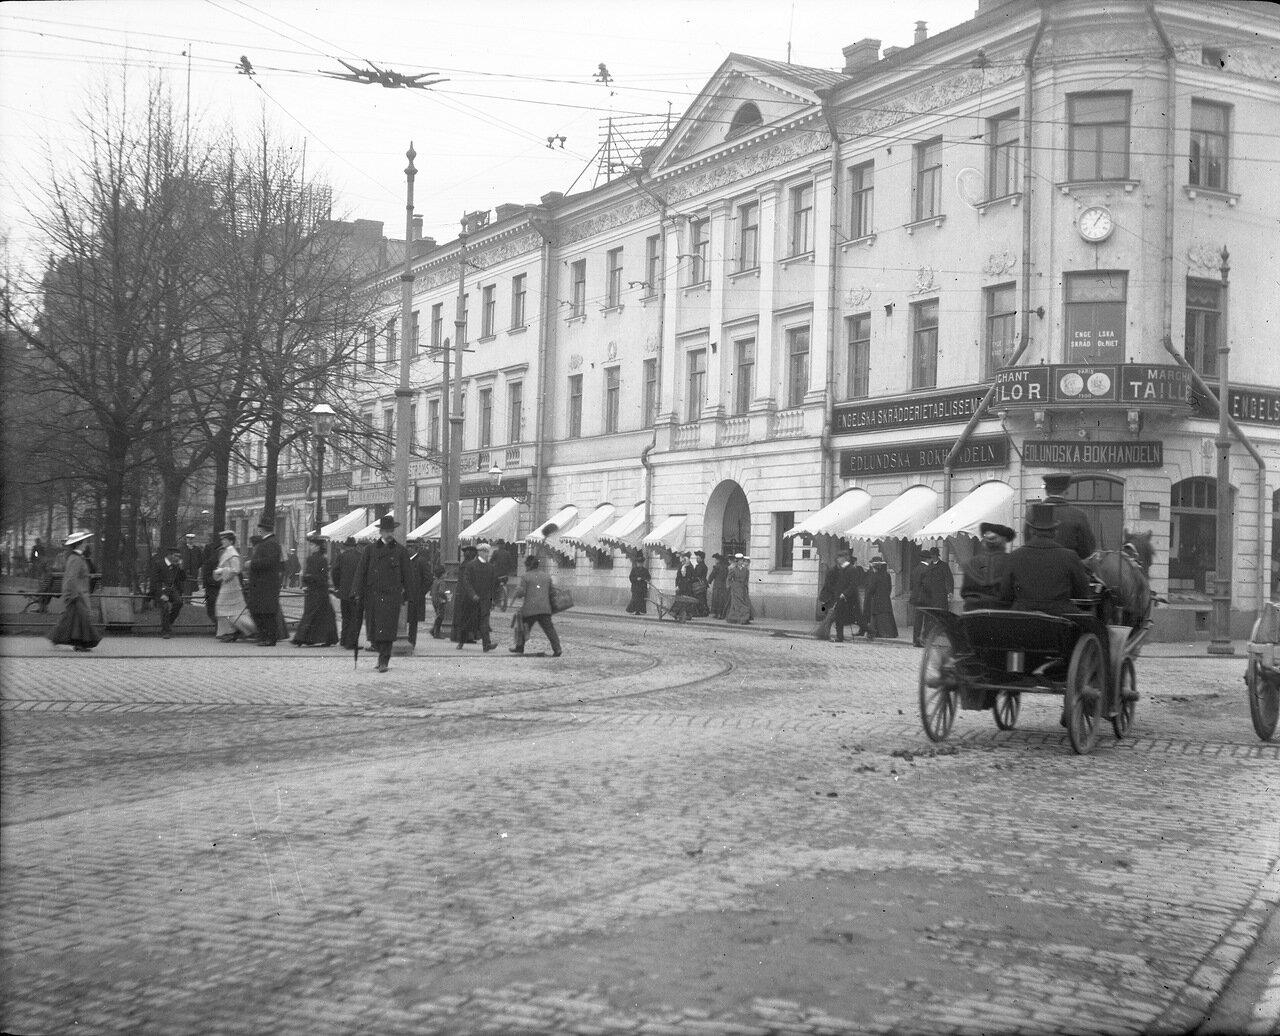 Пересечение Северной эспланады и Сенатской площади, около 1906